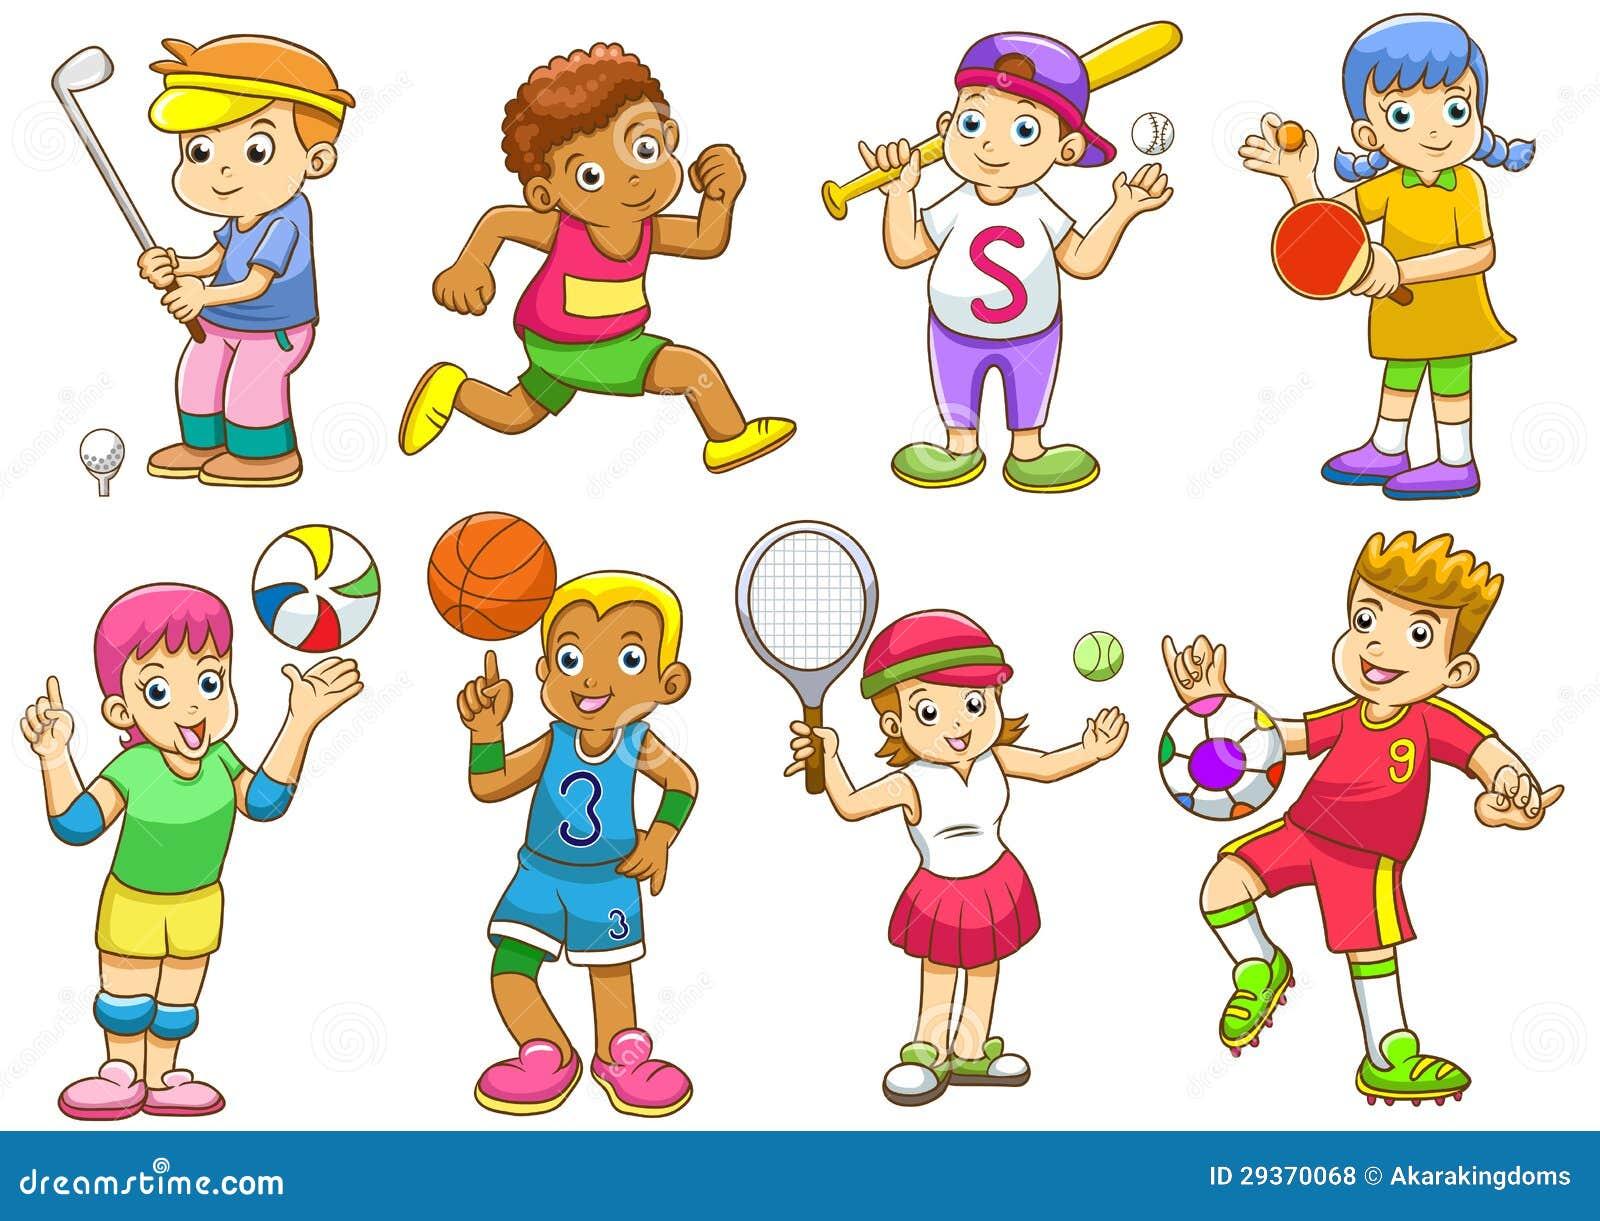 children sport: